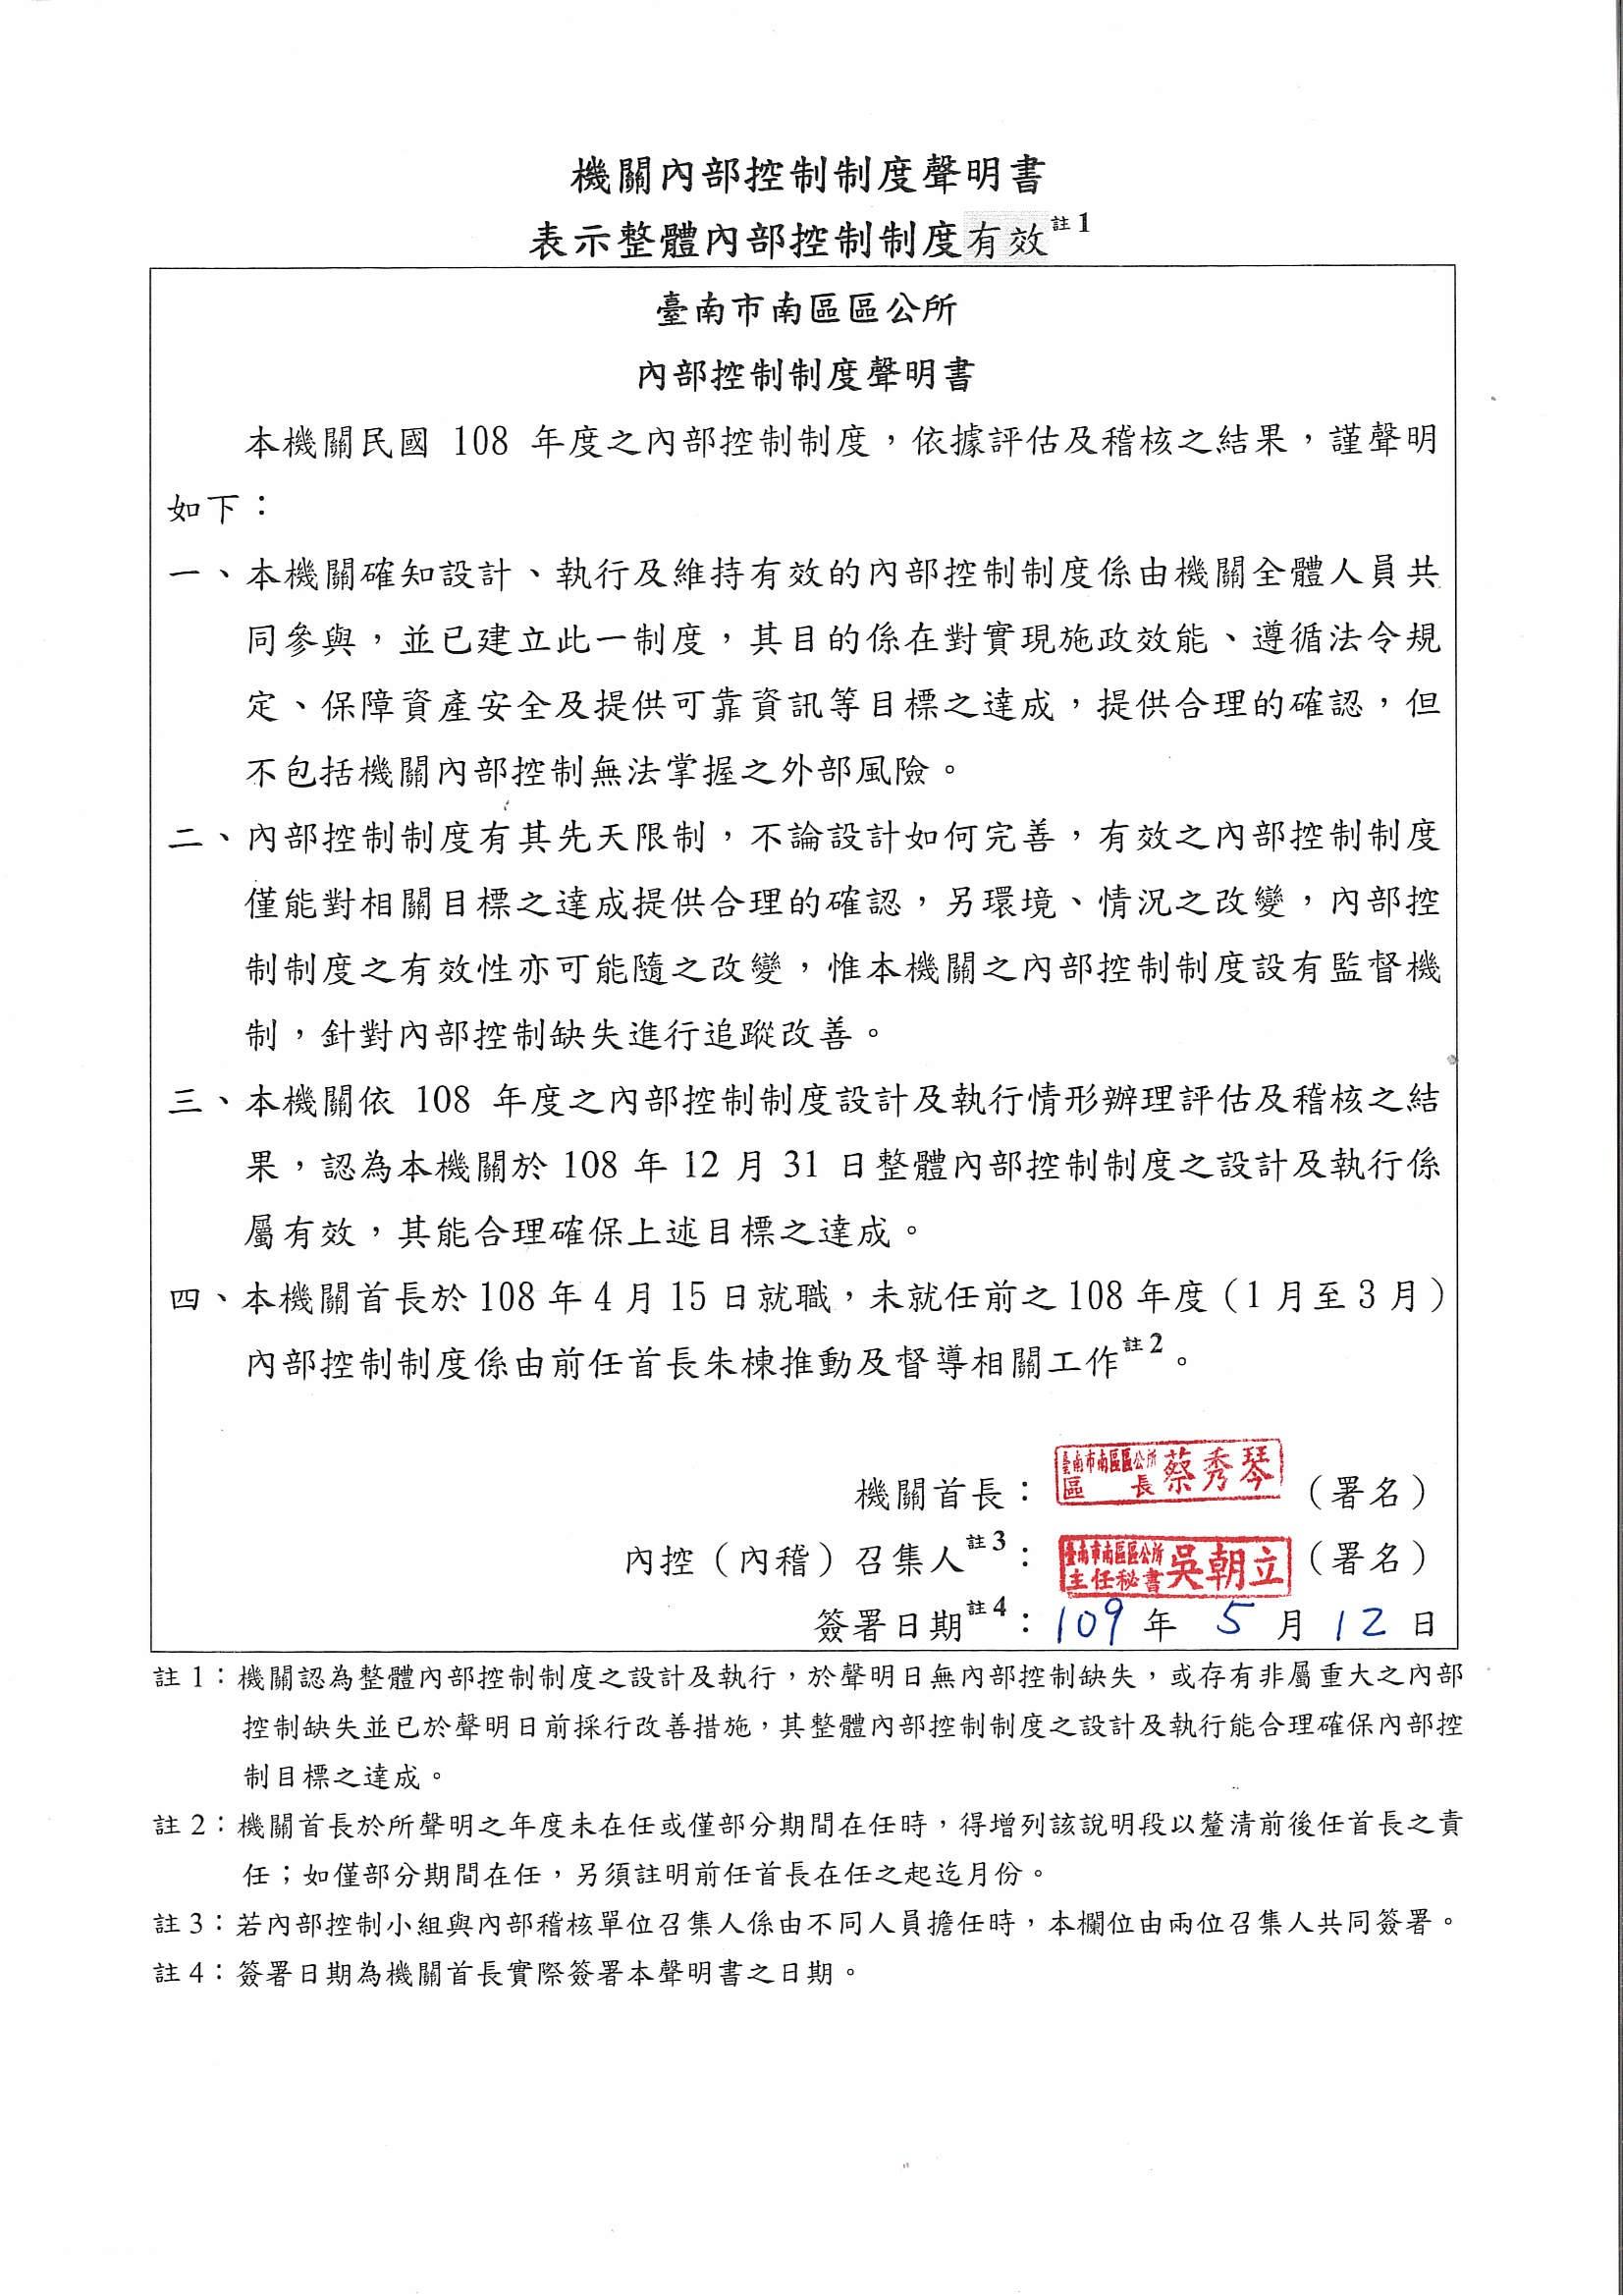 108年度內部控制制度聲明書(更)